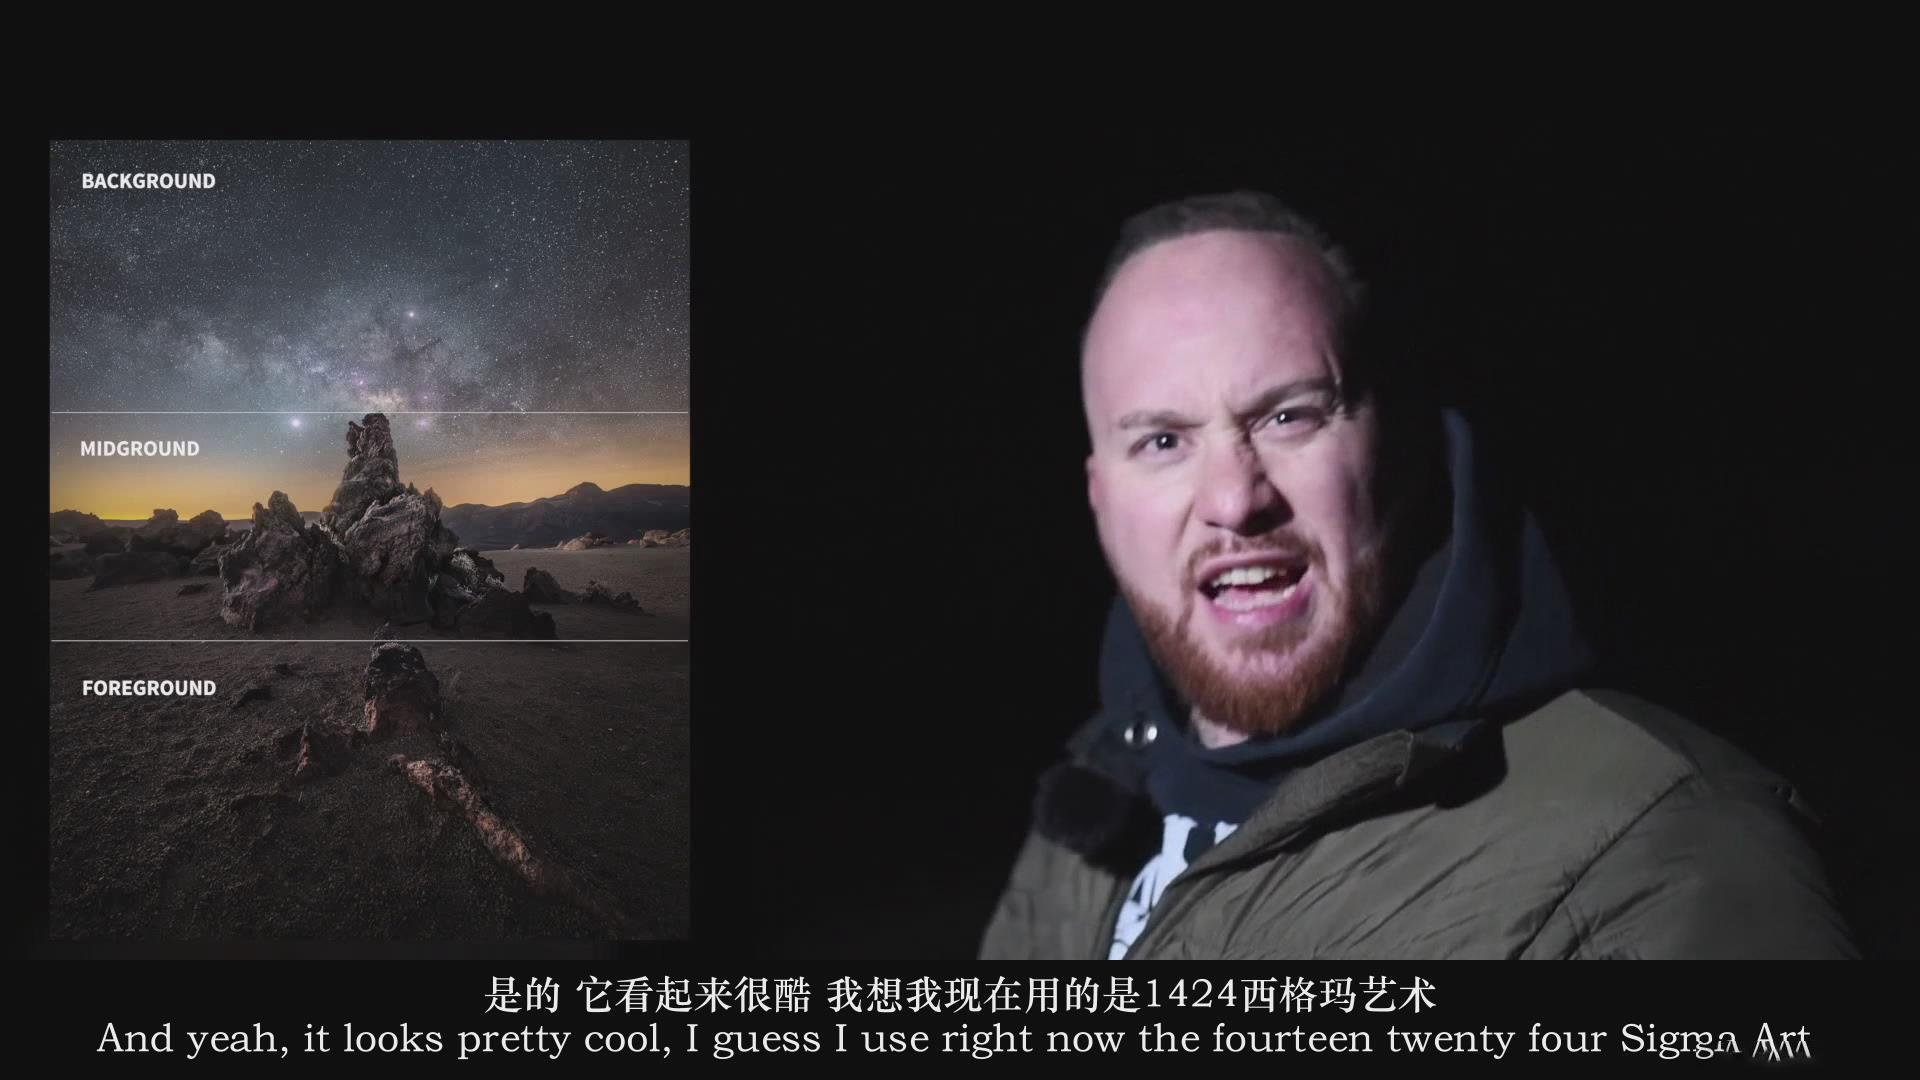 摄影教程_Fabio Antenore-超级真实银河系夜景风光摄影及后期附扩展素材-中英字幕 摄影教程 _预览图17